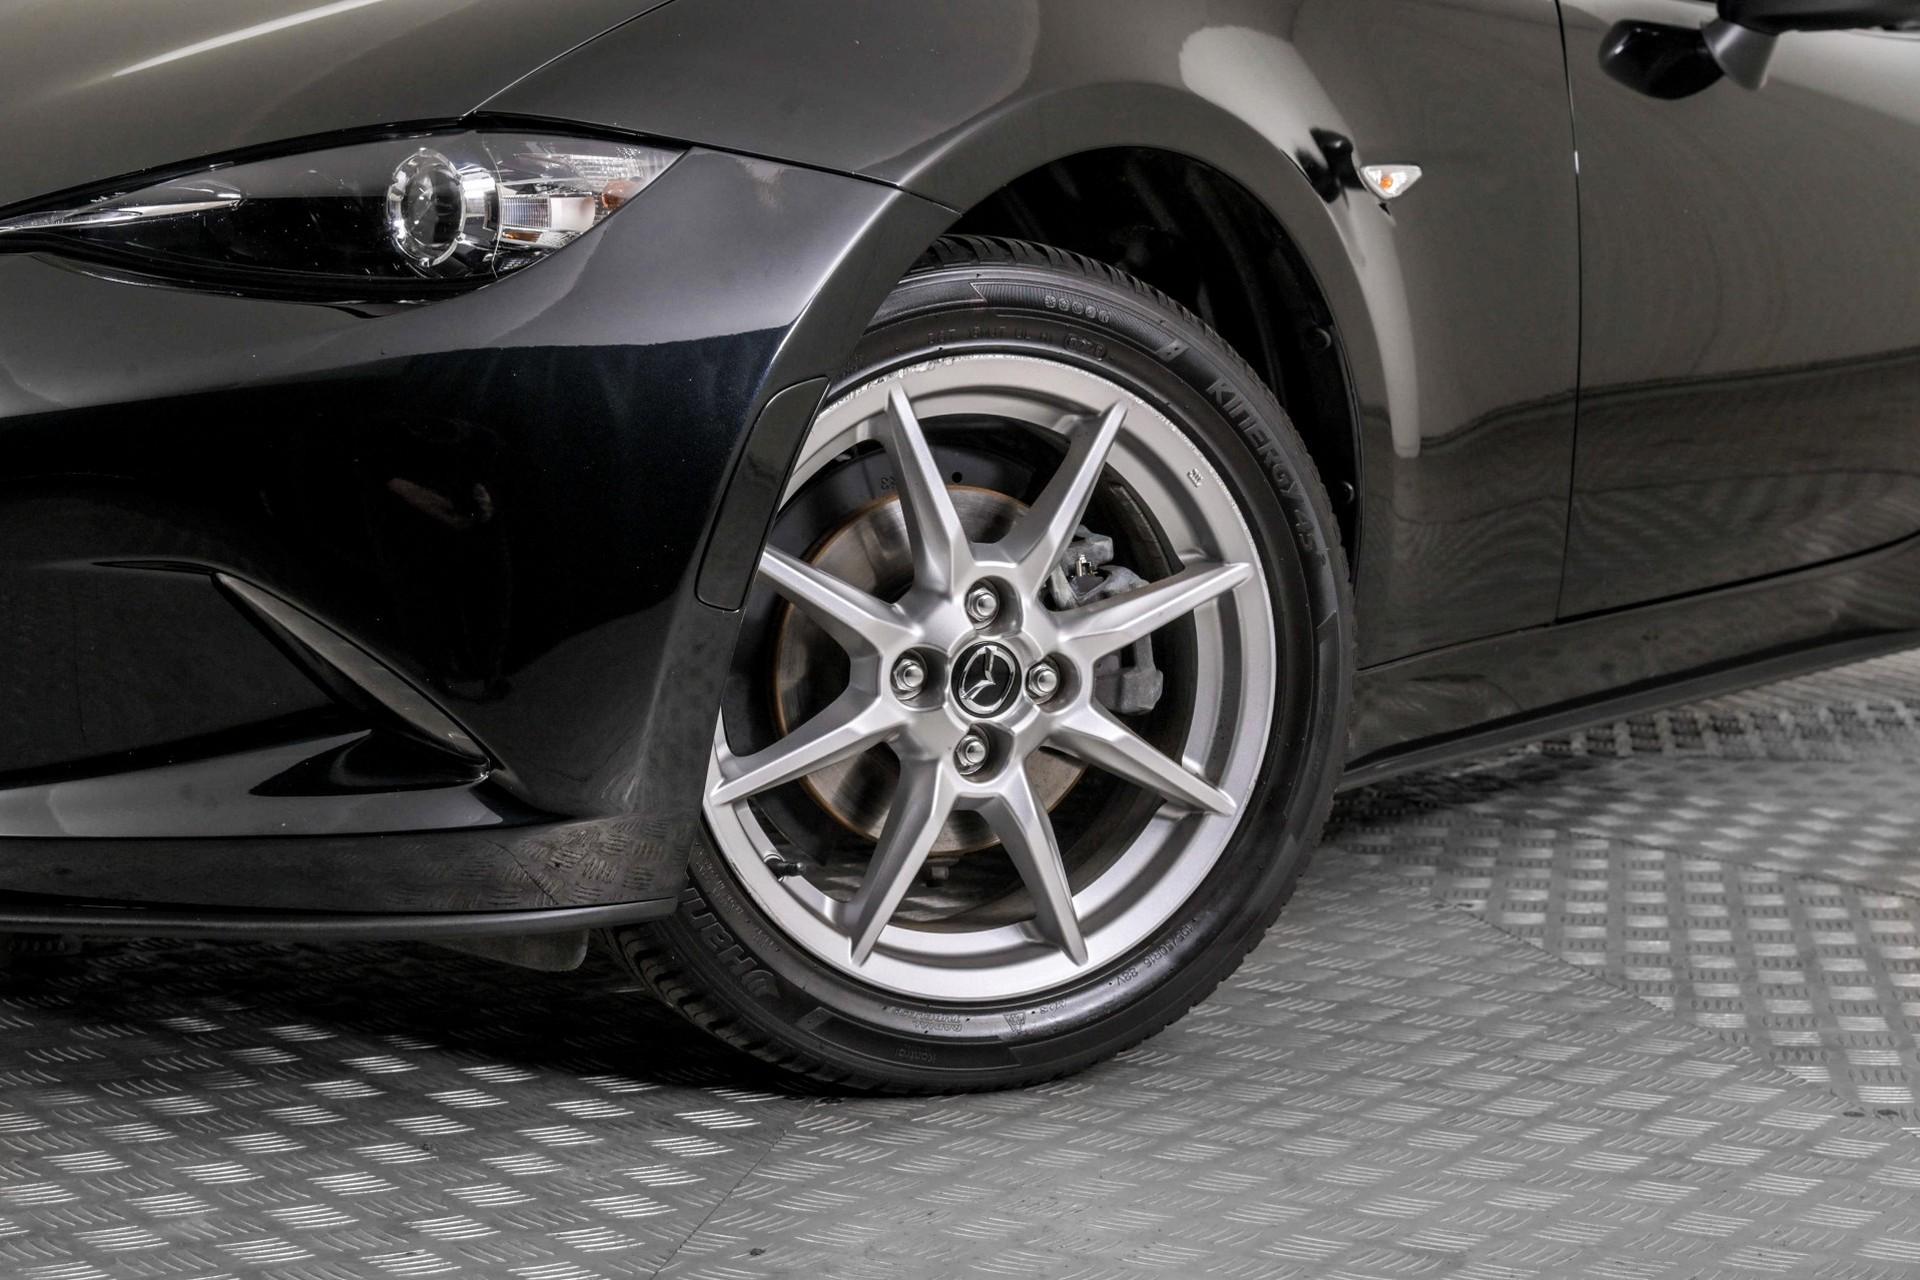 Mazda MX-5 1.5 SkyActiv-G 131 S Foto 4